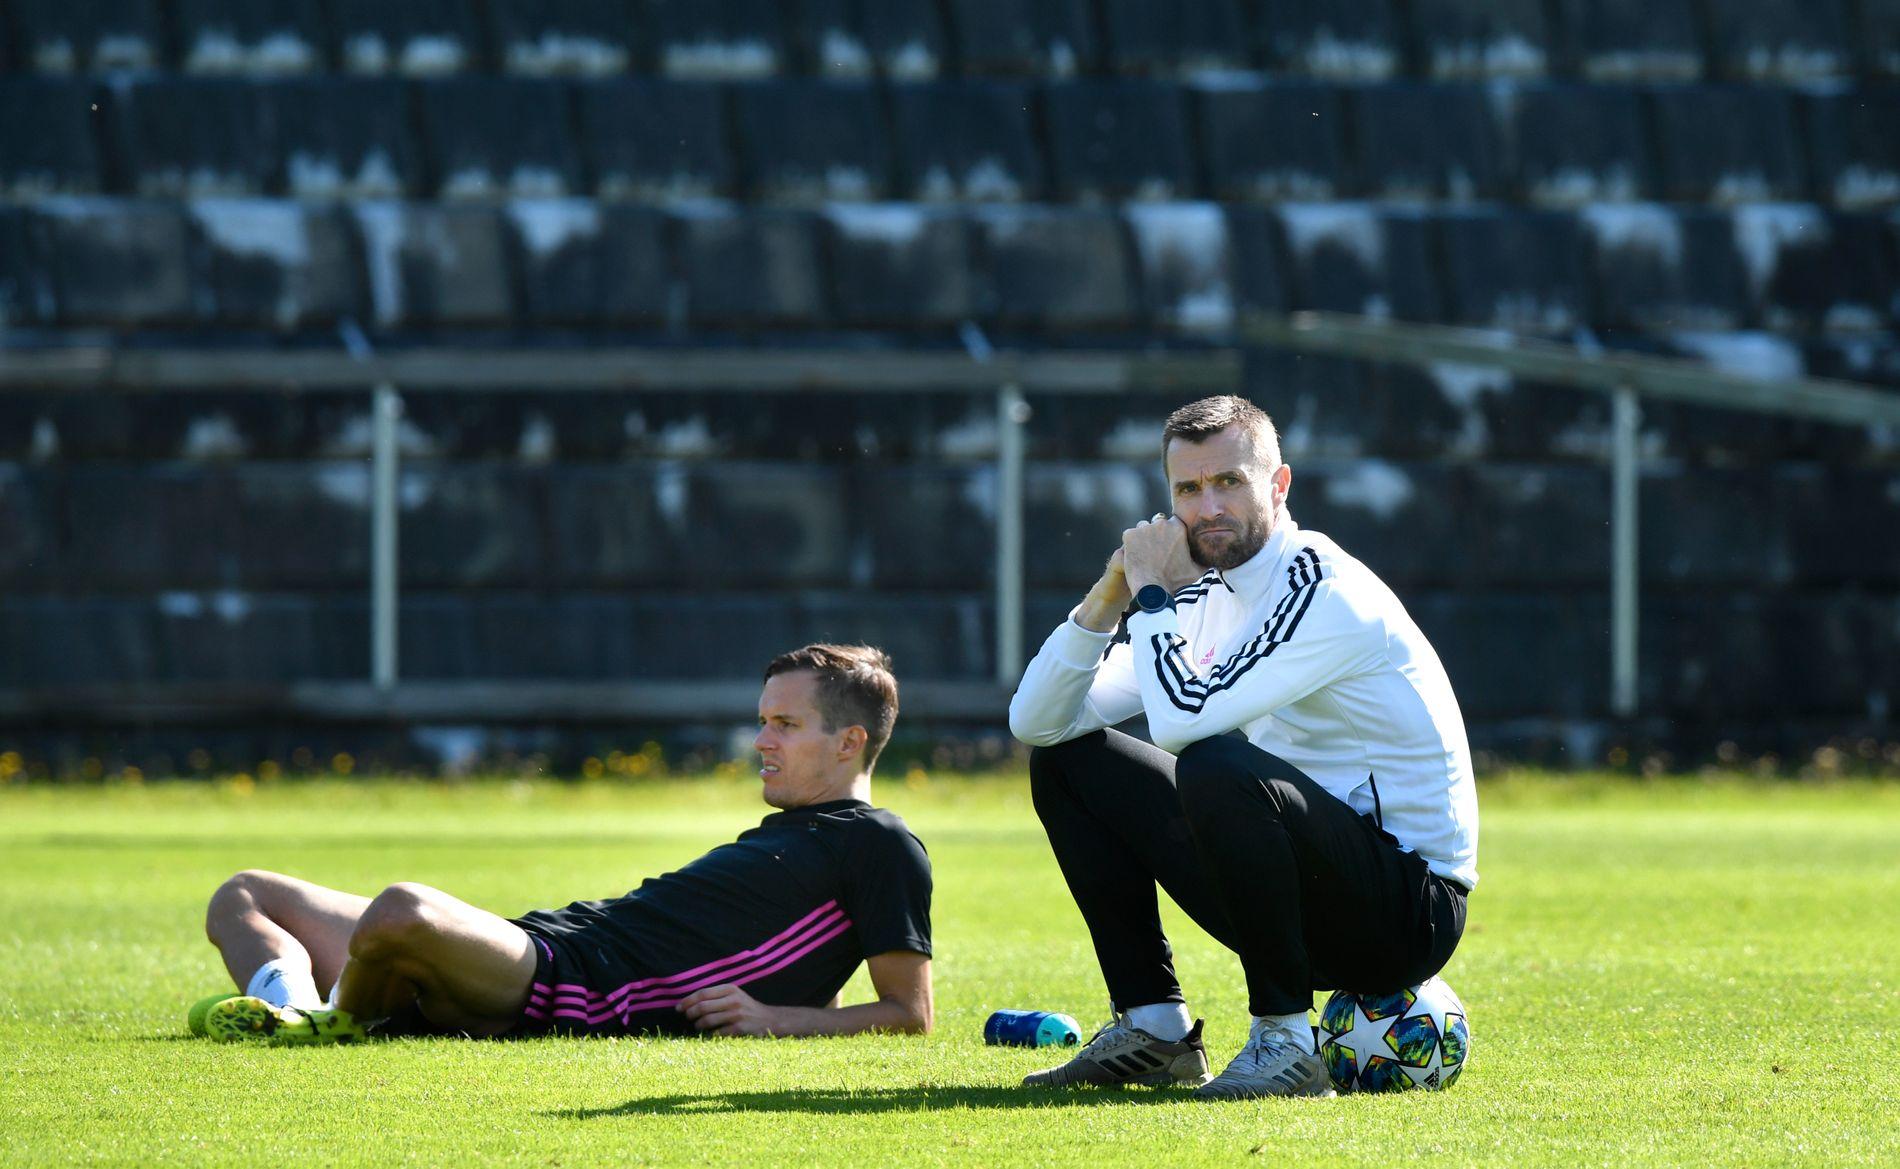 NYTER GODVÆRET: Eirik Horneland og Anders Konradsen tar en pust i bakken på Lerkendal før oppgjøret mot Dinamo Zagreb.